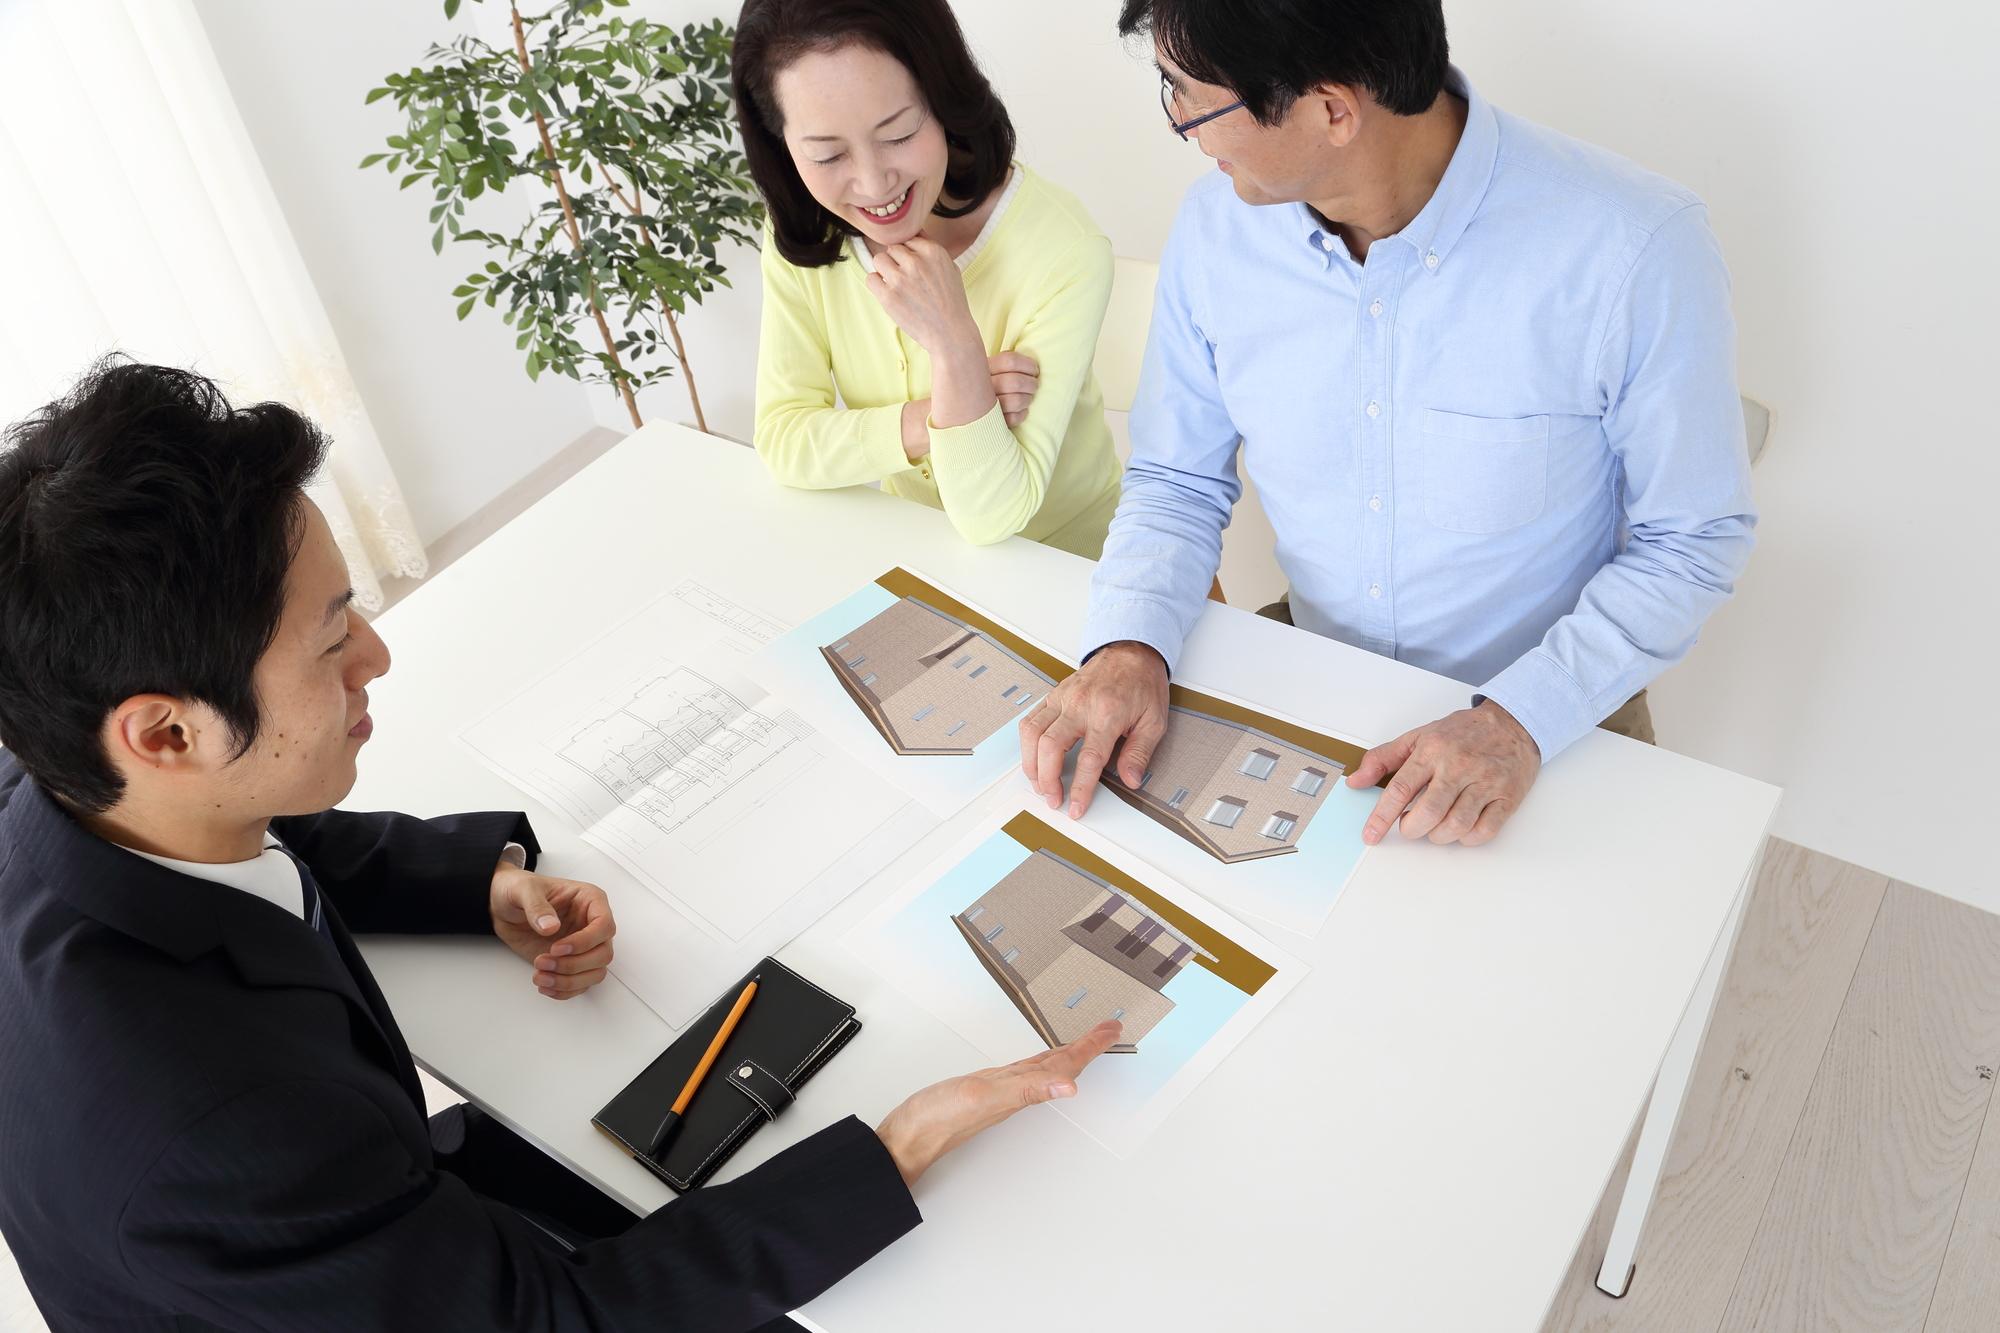 5.悪質業者に騙されないために注意するべきポイント